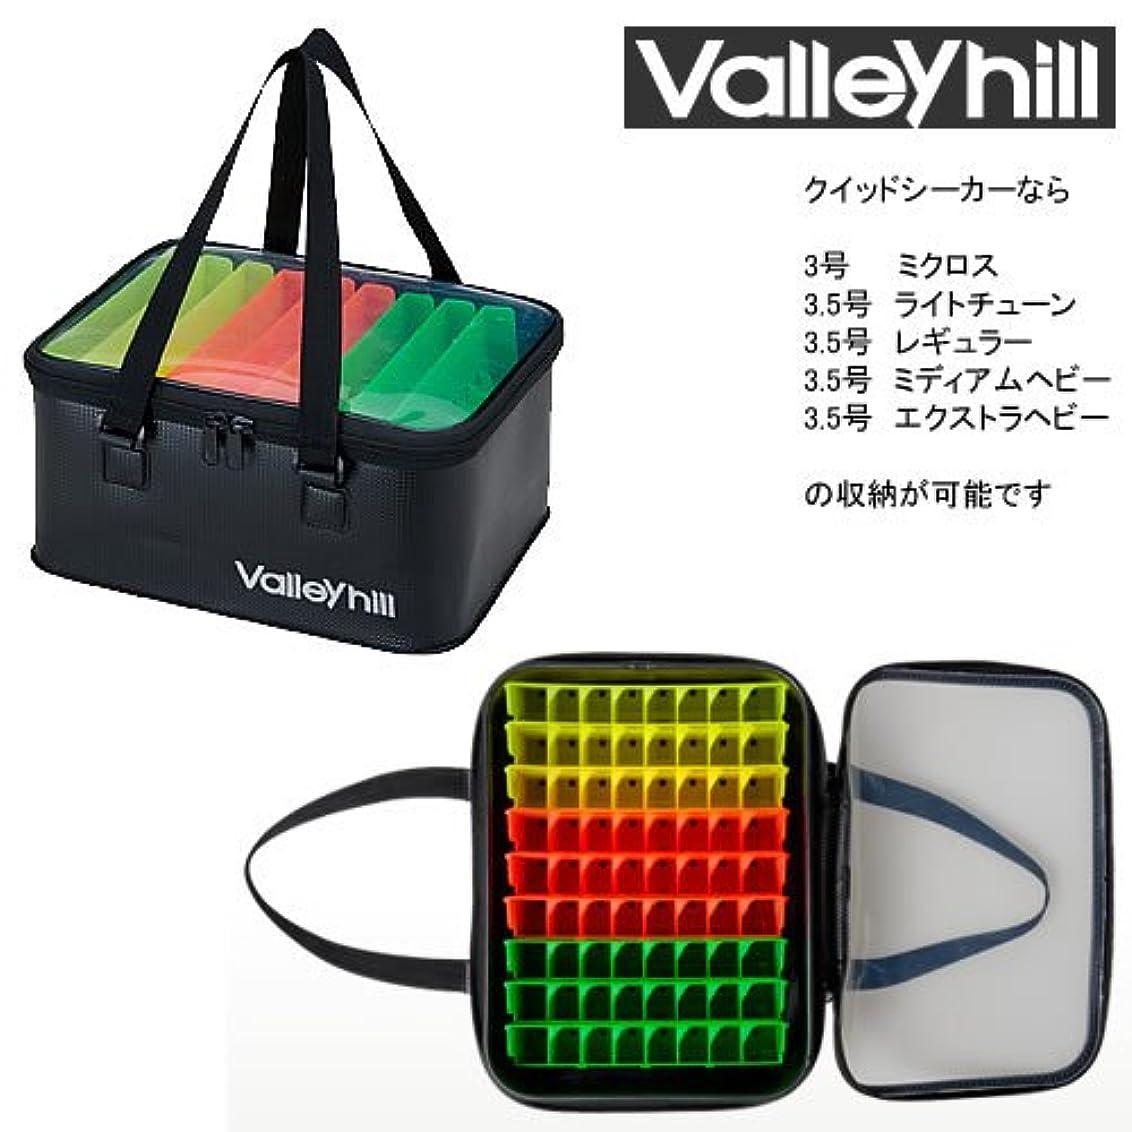 メンタリティ製油所勢いバレーヒル(ValleyHill) ボートエギケースDX 72N 41646